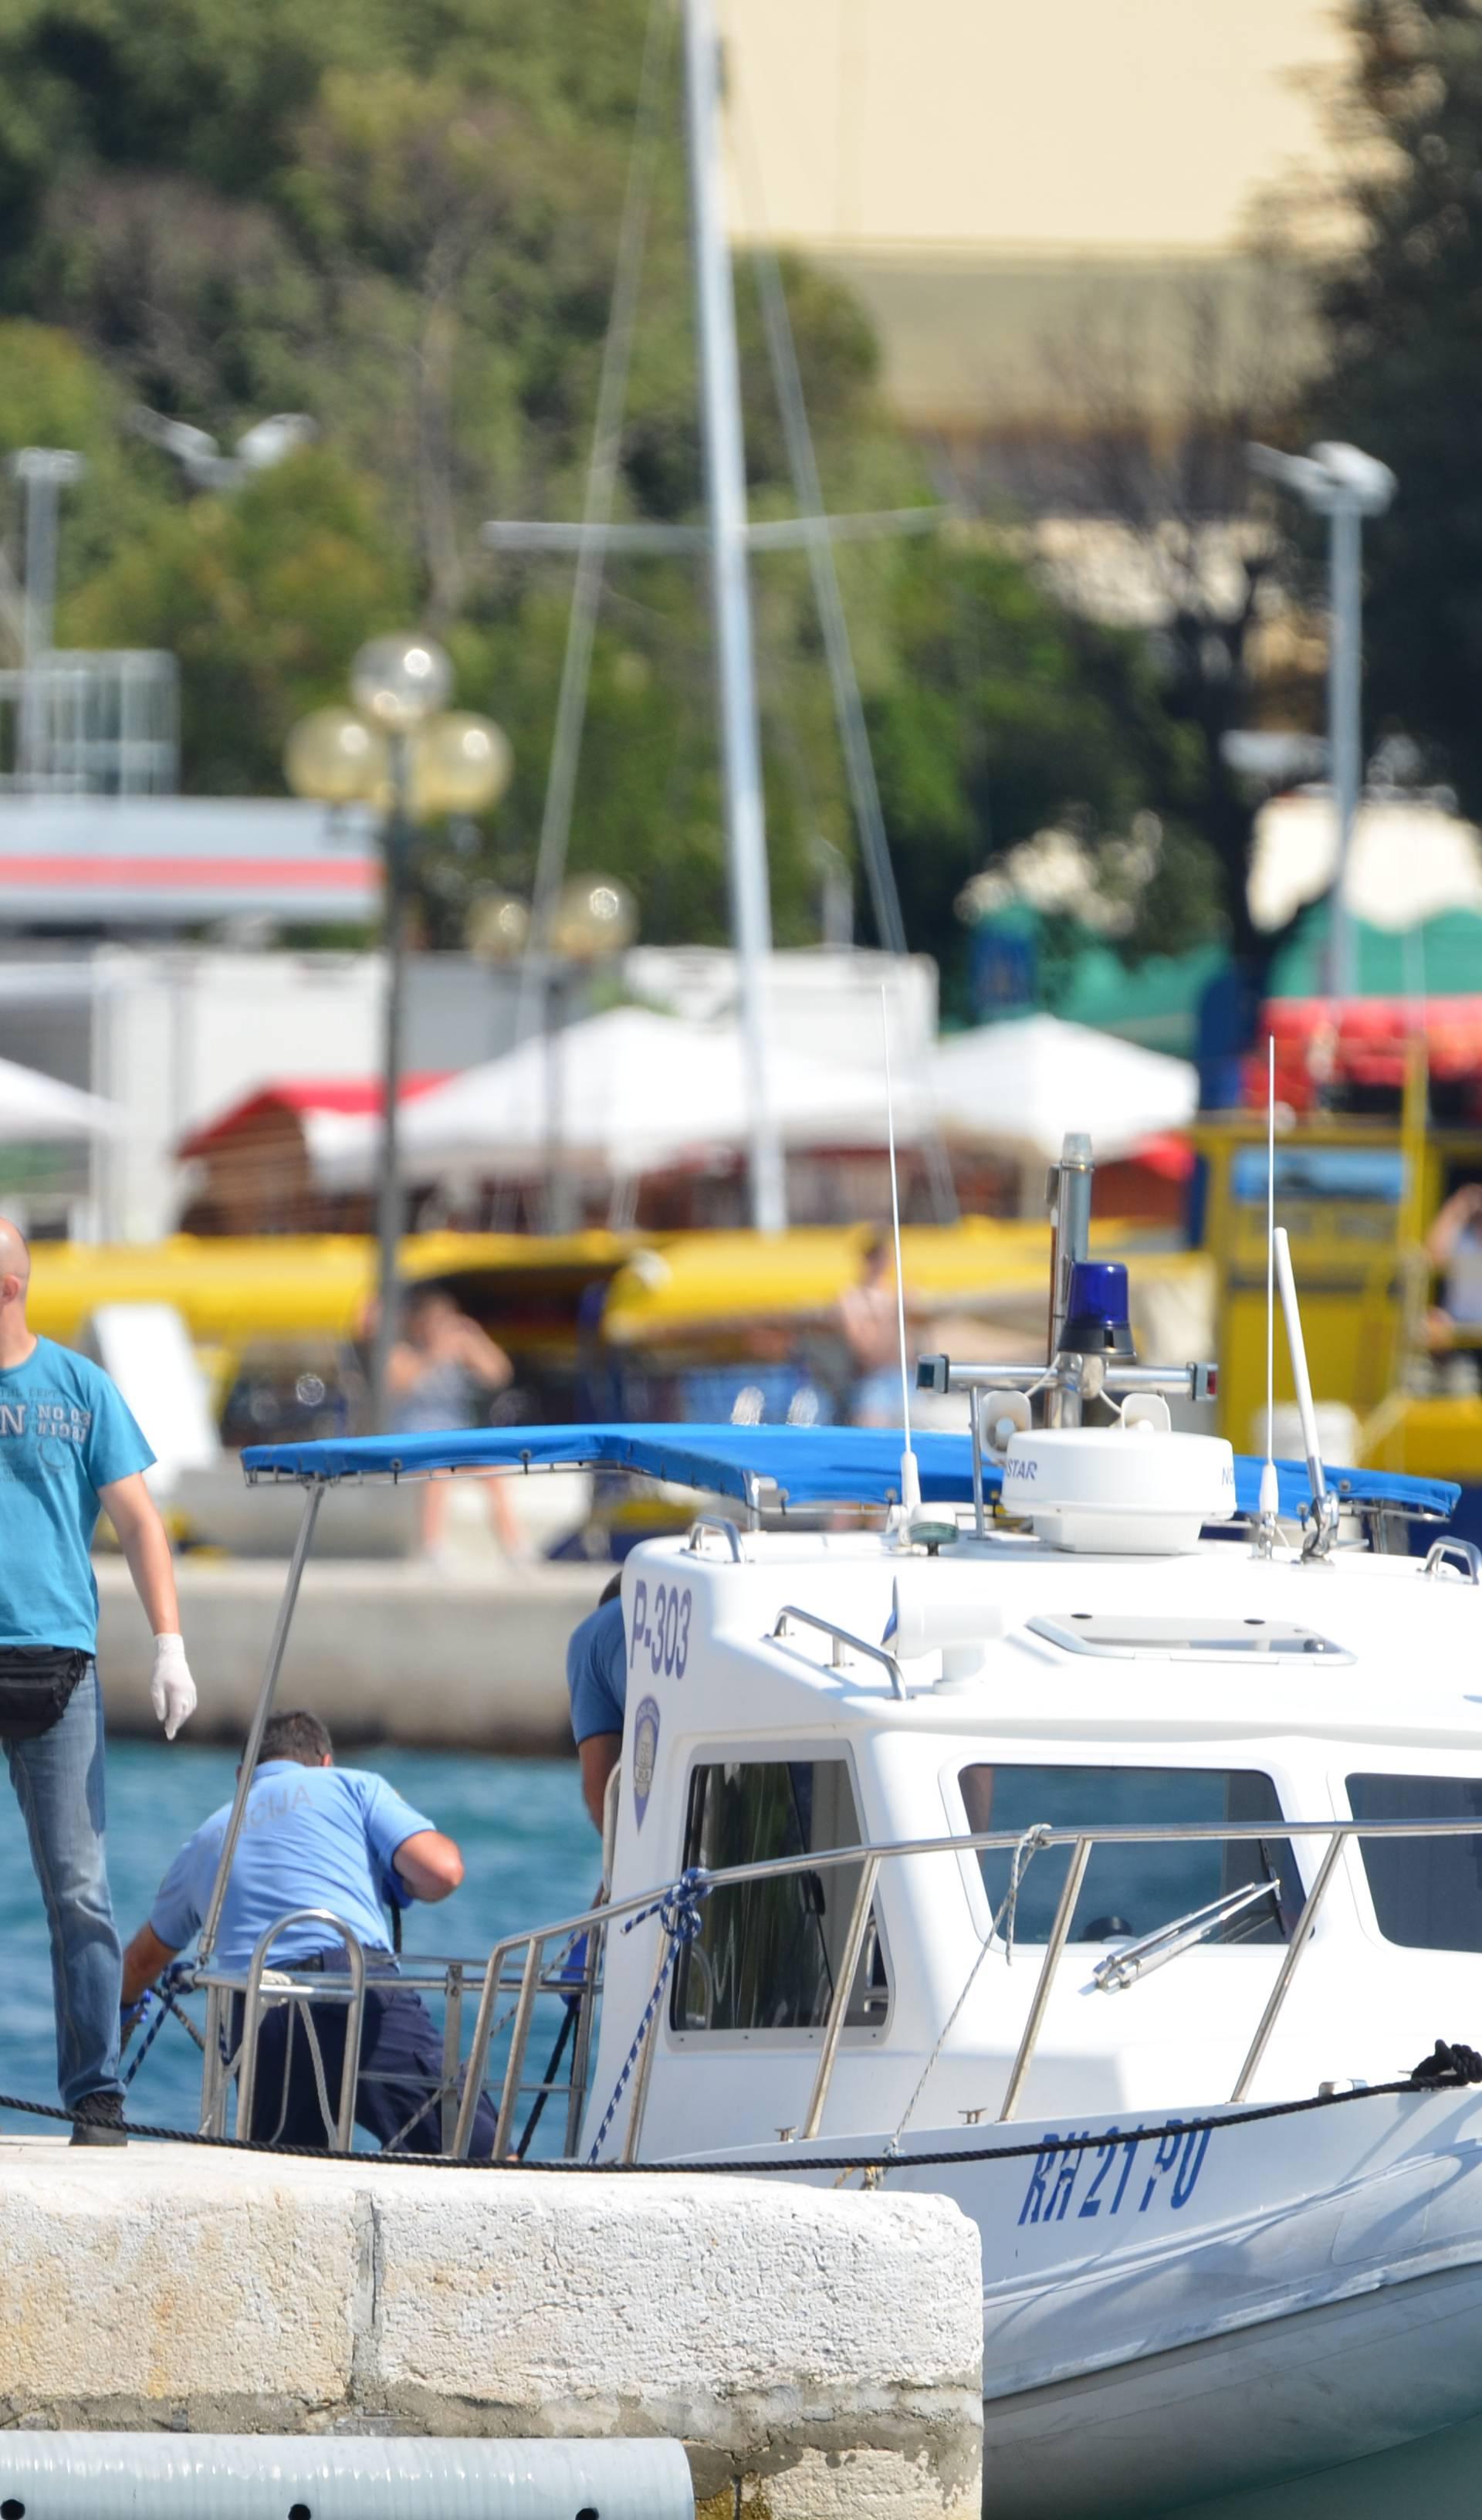 Utvrđuju identitet: U moru kod Poreča našli mrtvog muškarca